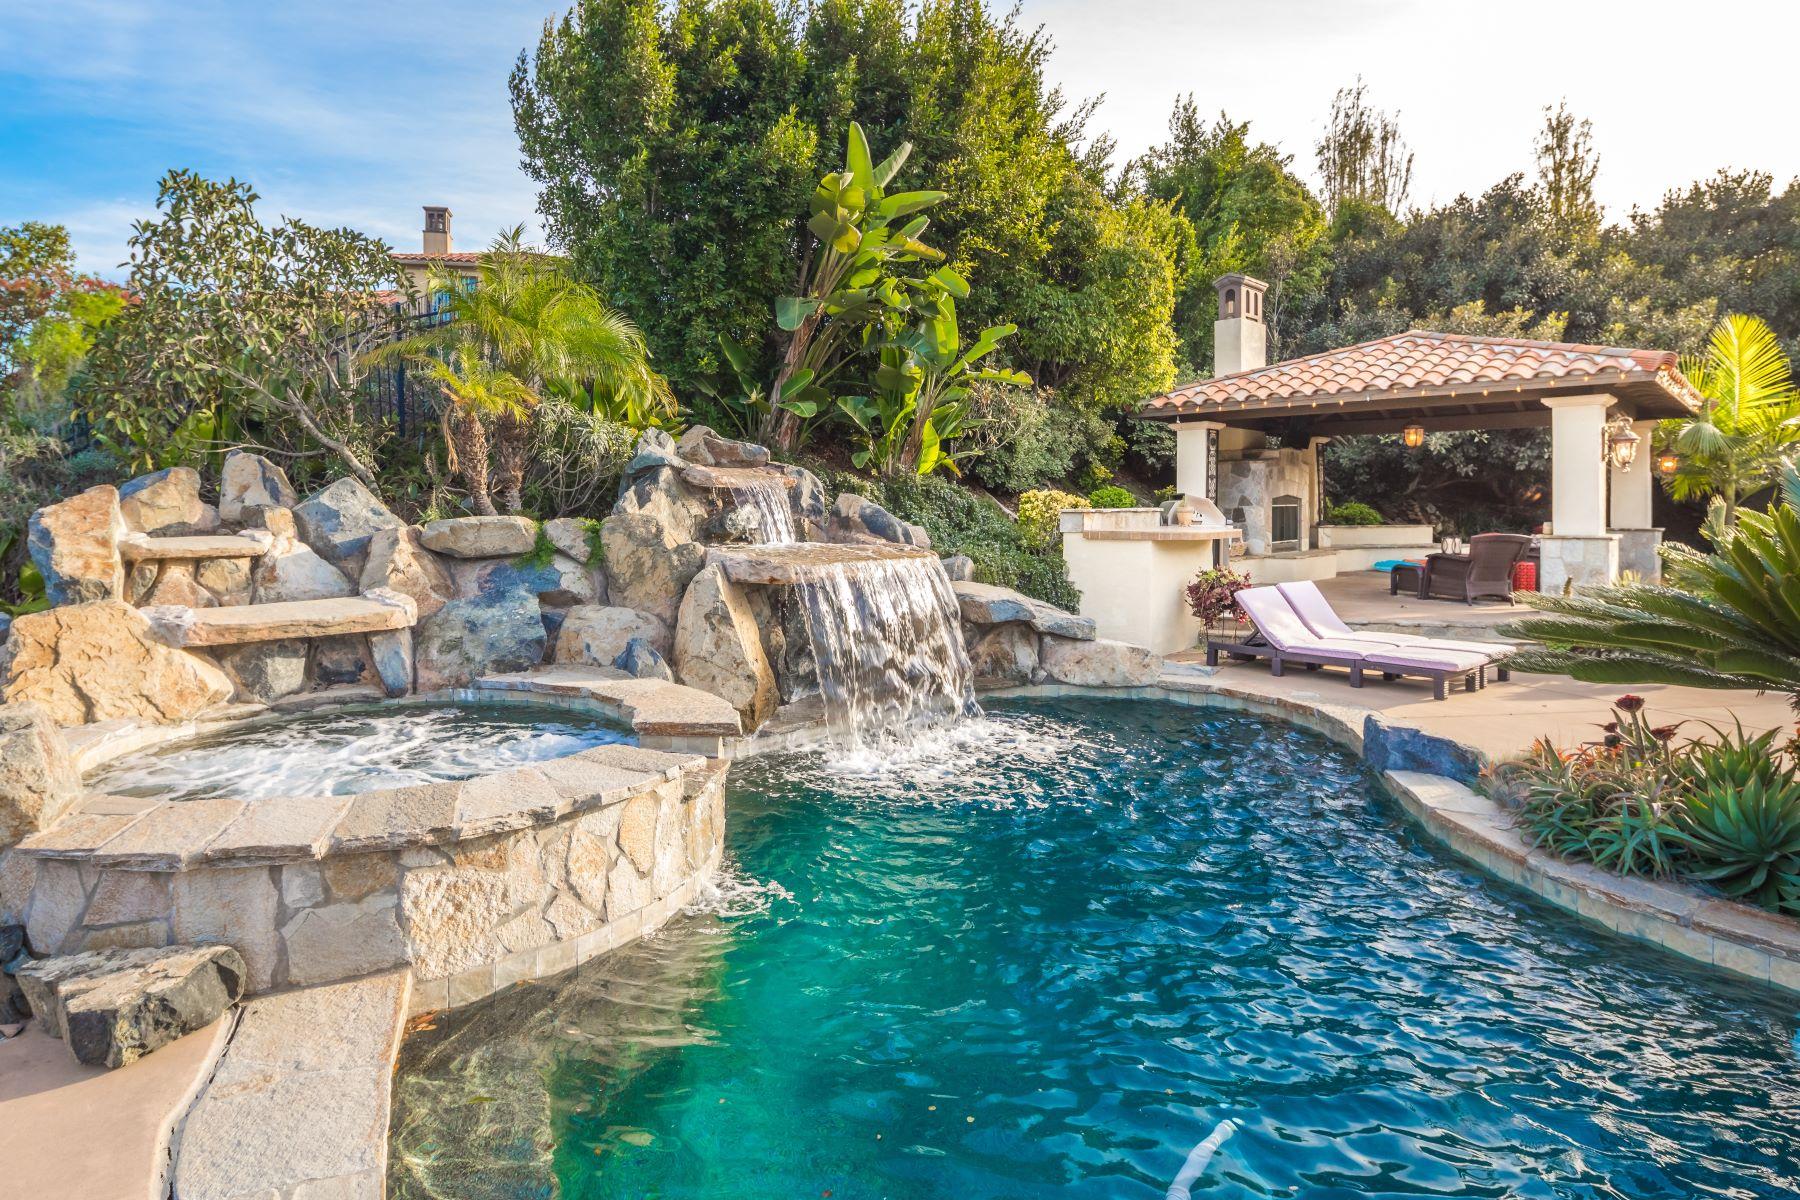 Single Family Home for Sale at 7929 Camino De La Dora Rancho Santa Fe, California, 92067 United States